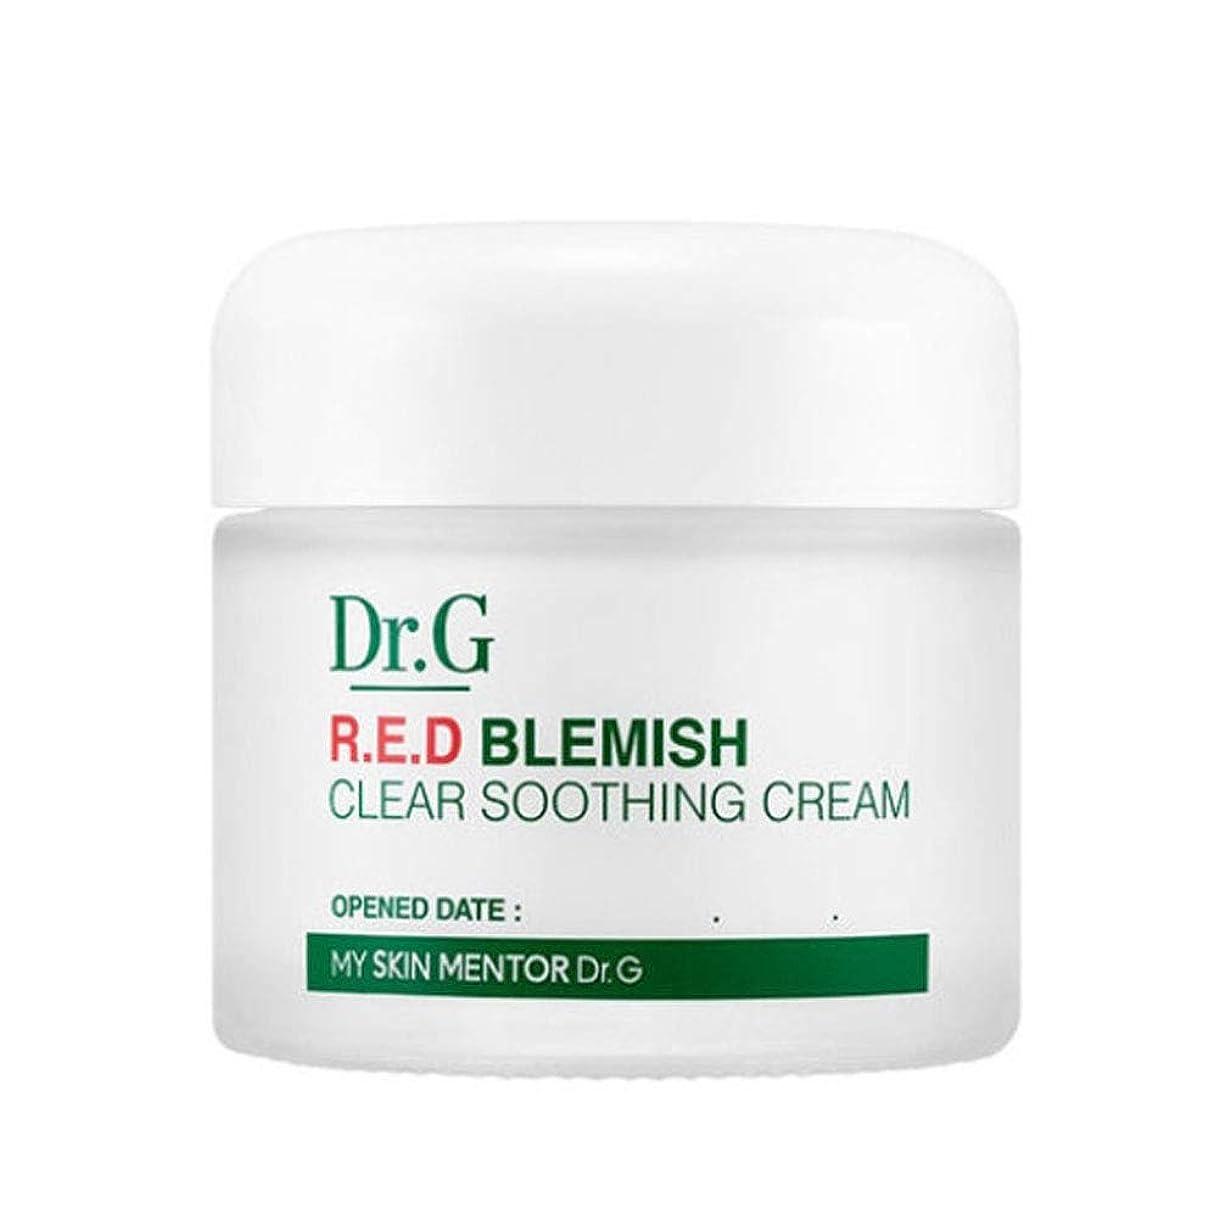 かわいらしい粘着性領収書ドクターGレッドブレミッシュクリアスージングクリーム70ml水分クリーム、Dr.G Red Blemish Clear Soothing Cream 70ml Moisturizing Cream [並行輸入品]